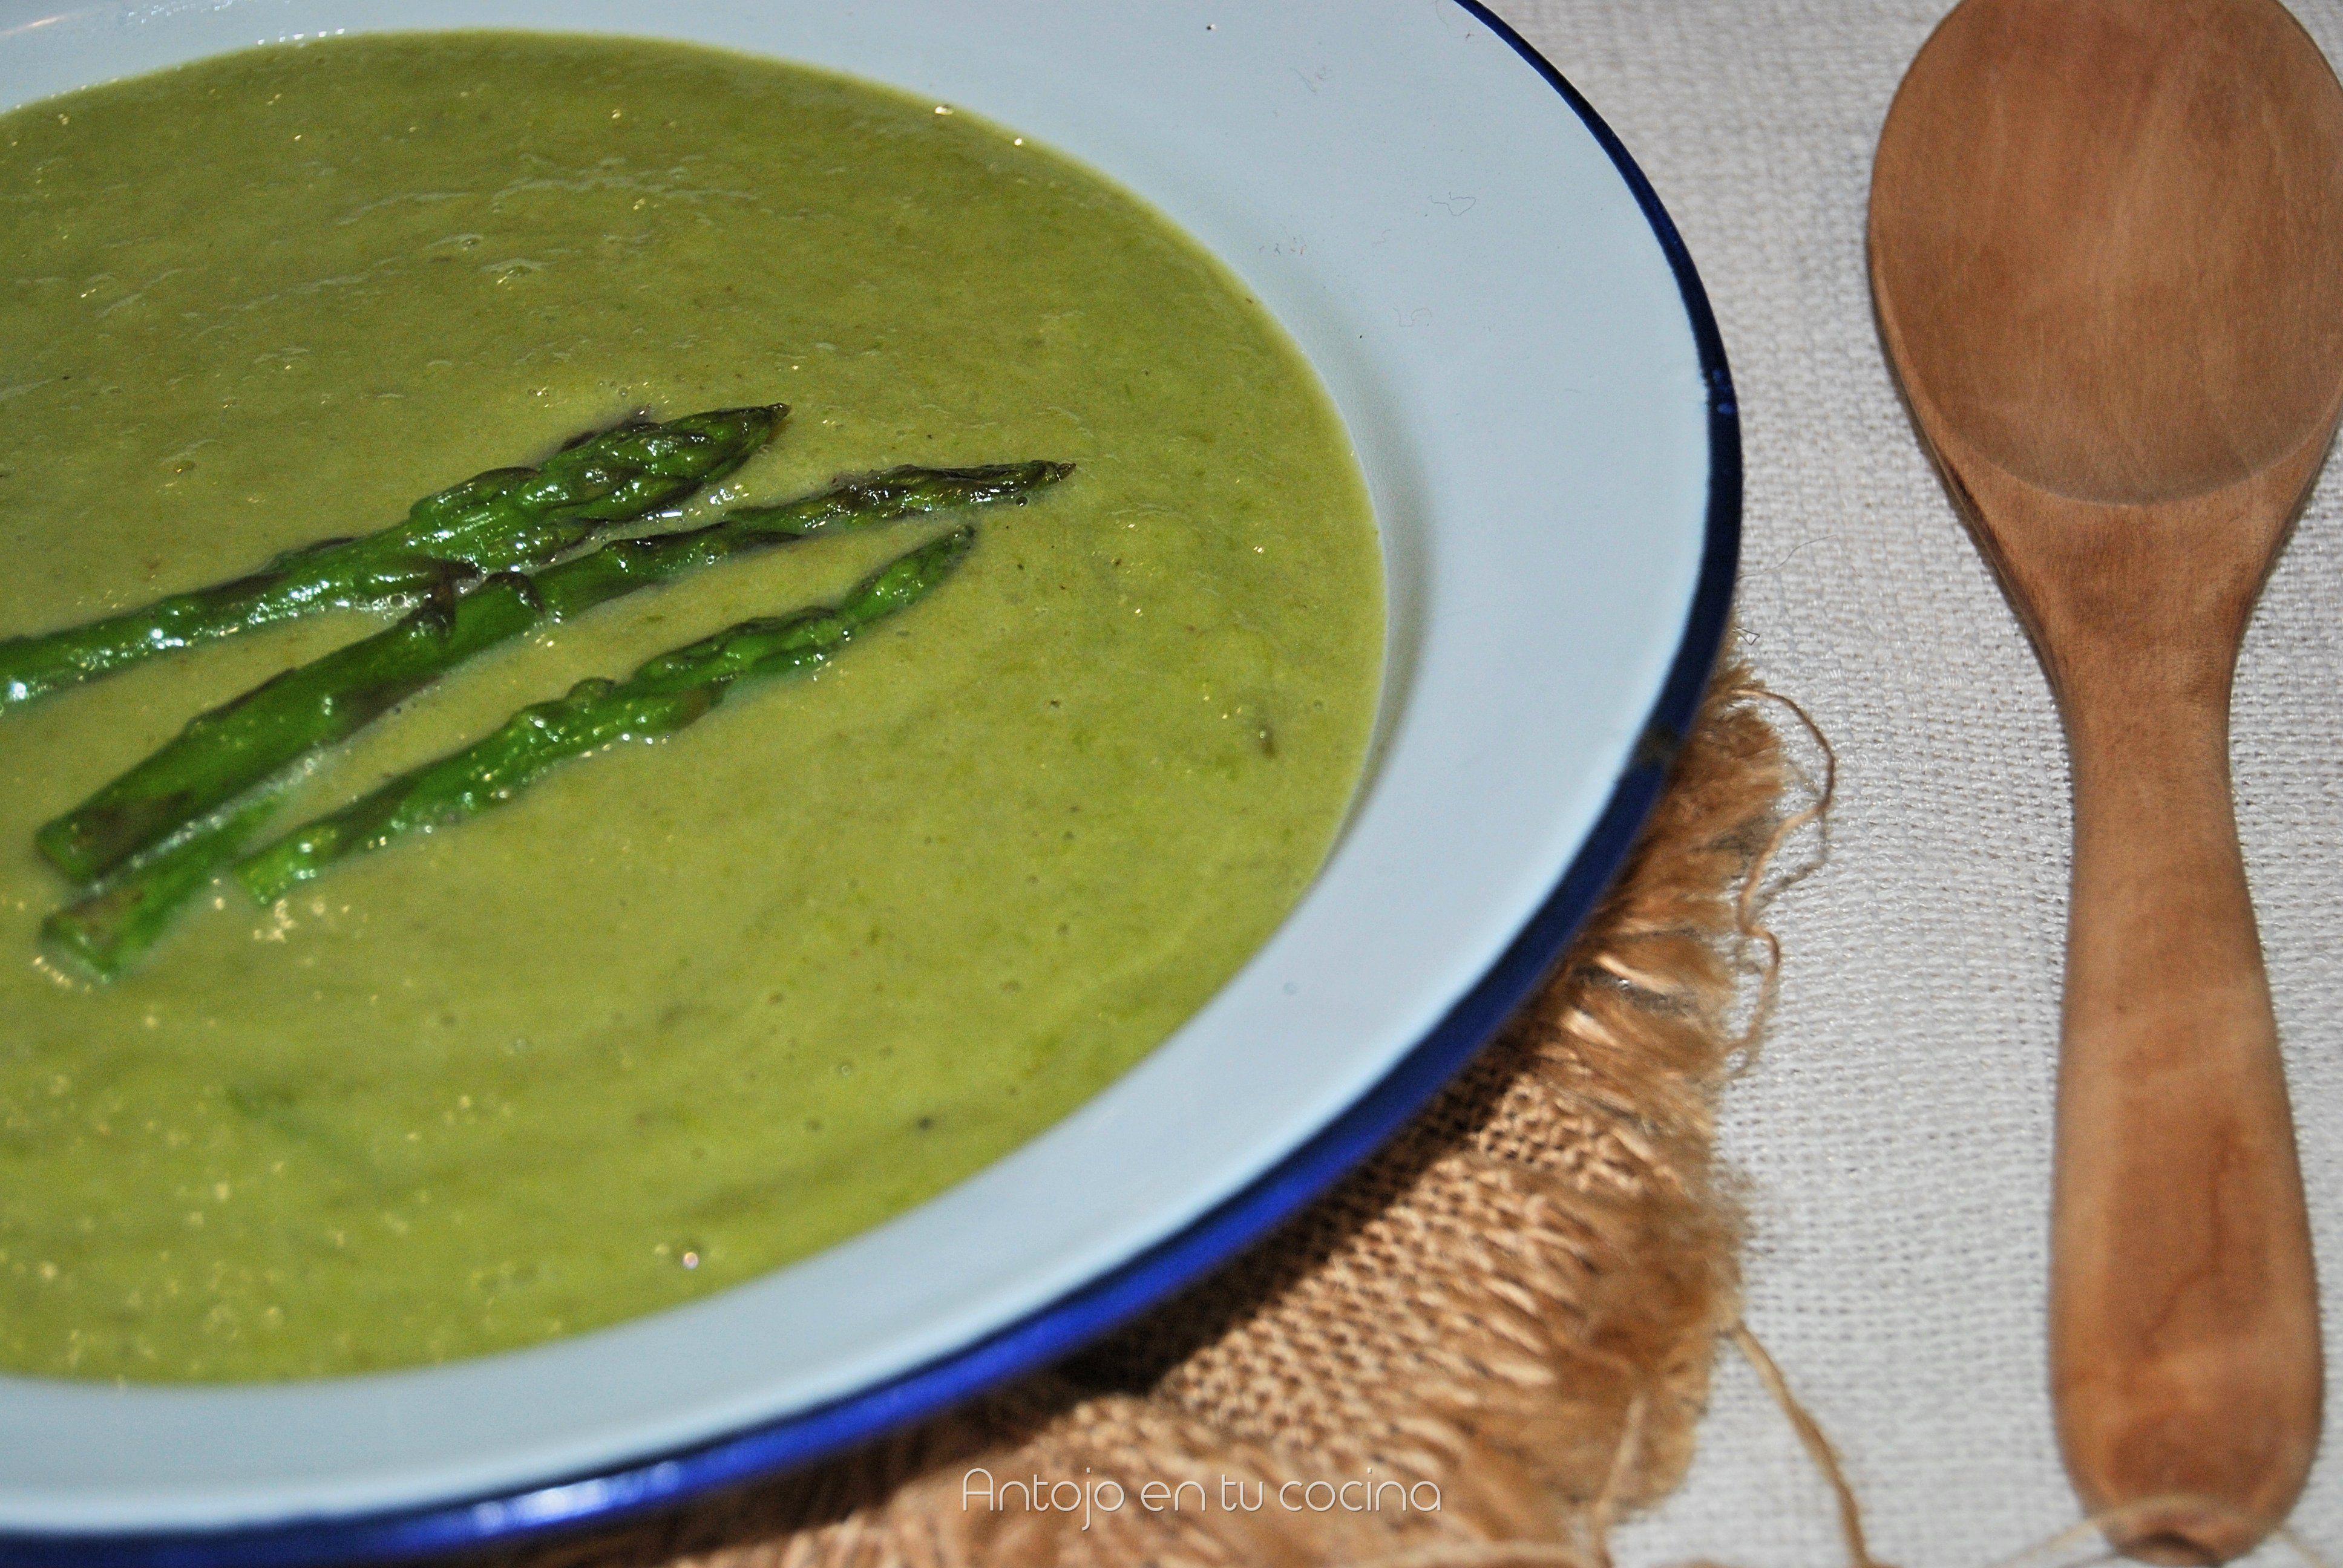 Crema de esp rragos verdes antojo en tu cocina for Cocinar esparragos